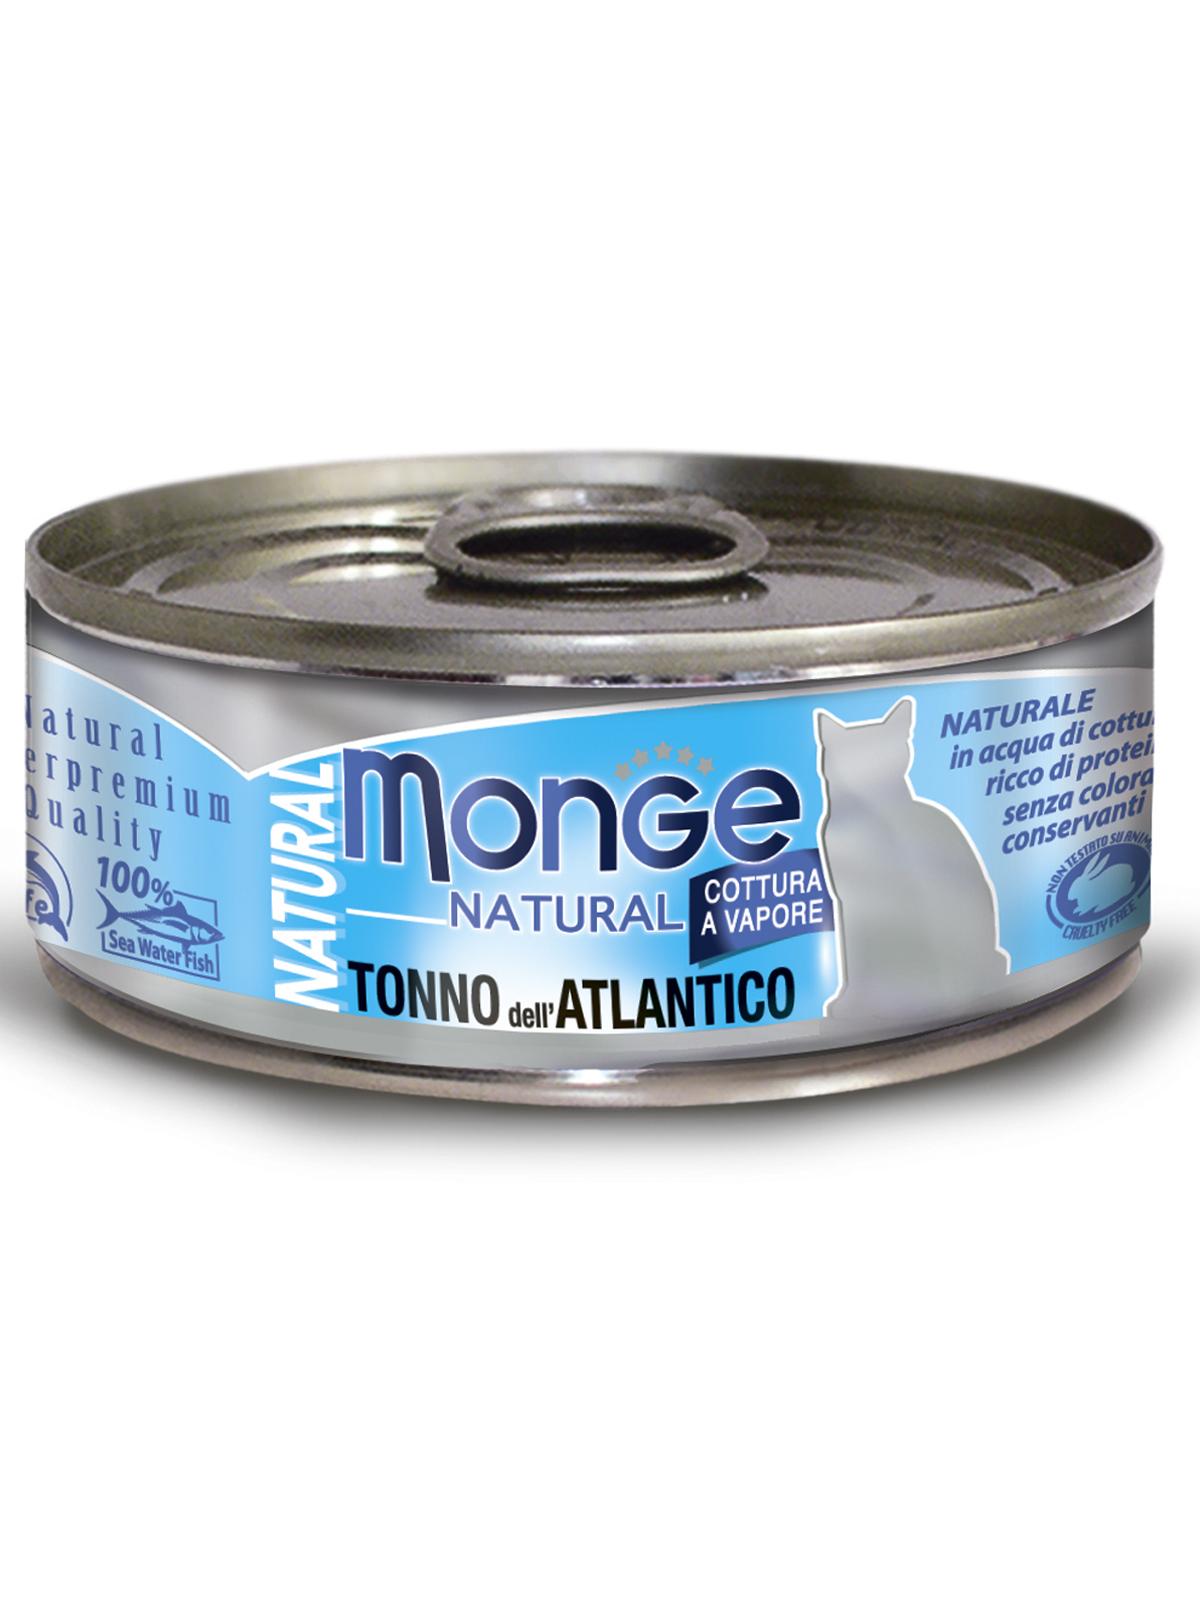 Monge Cat Natural влажный корм для кошек всех возрастов и пород, кусочки атлантического тунца 80 гр